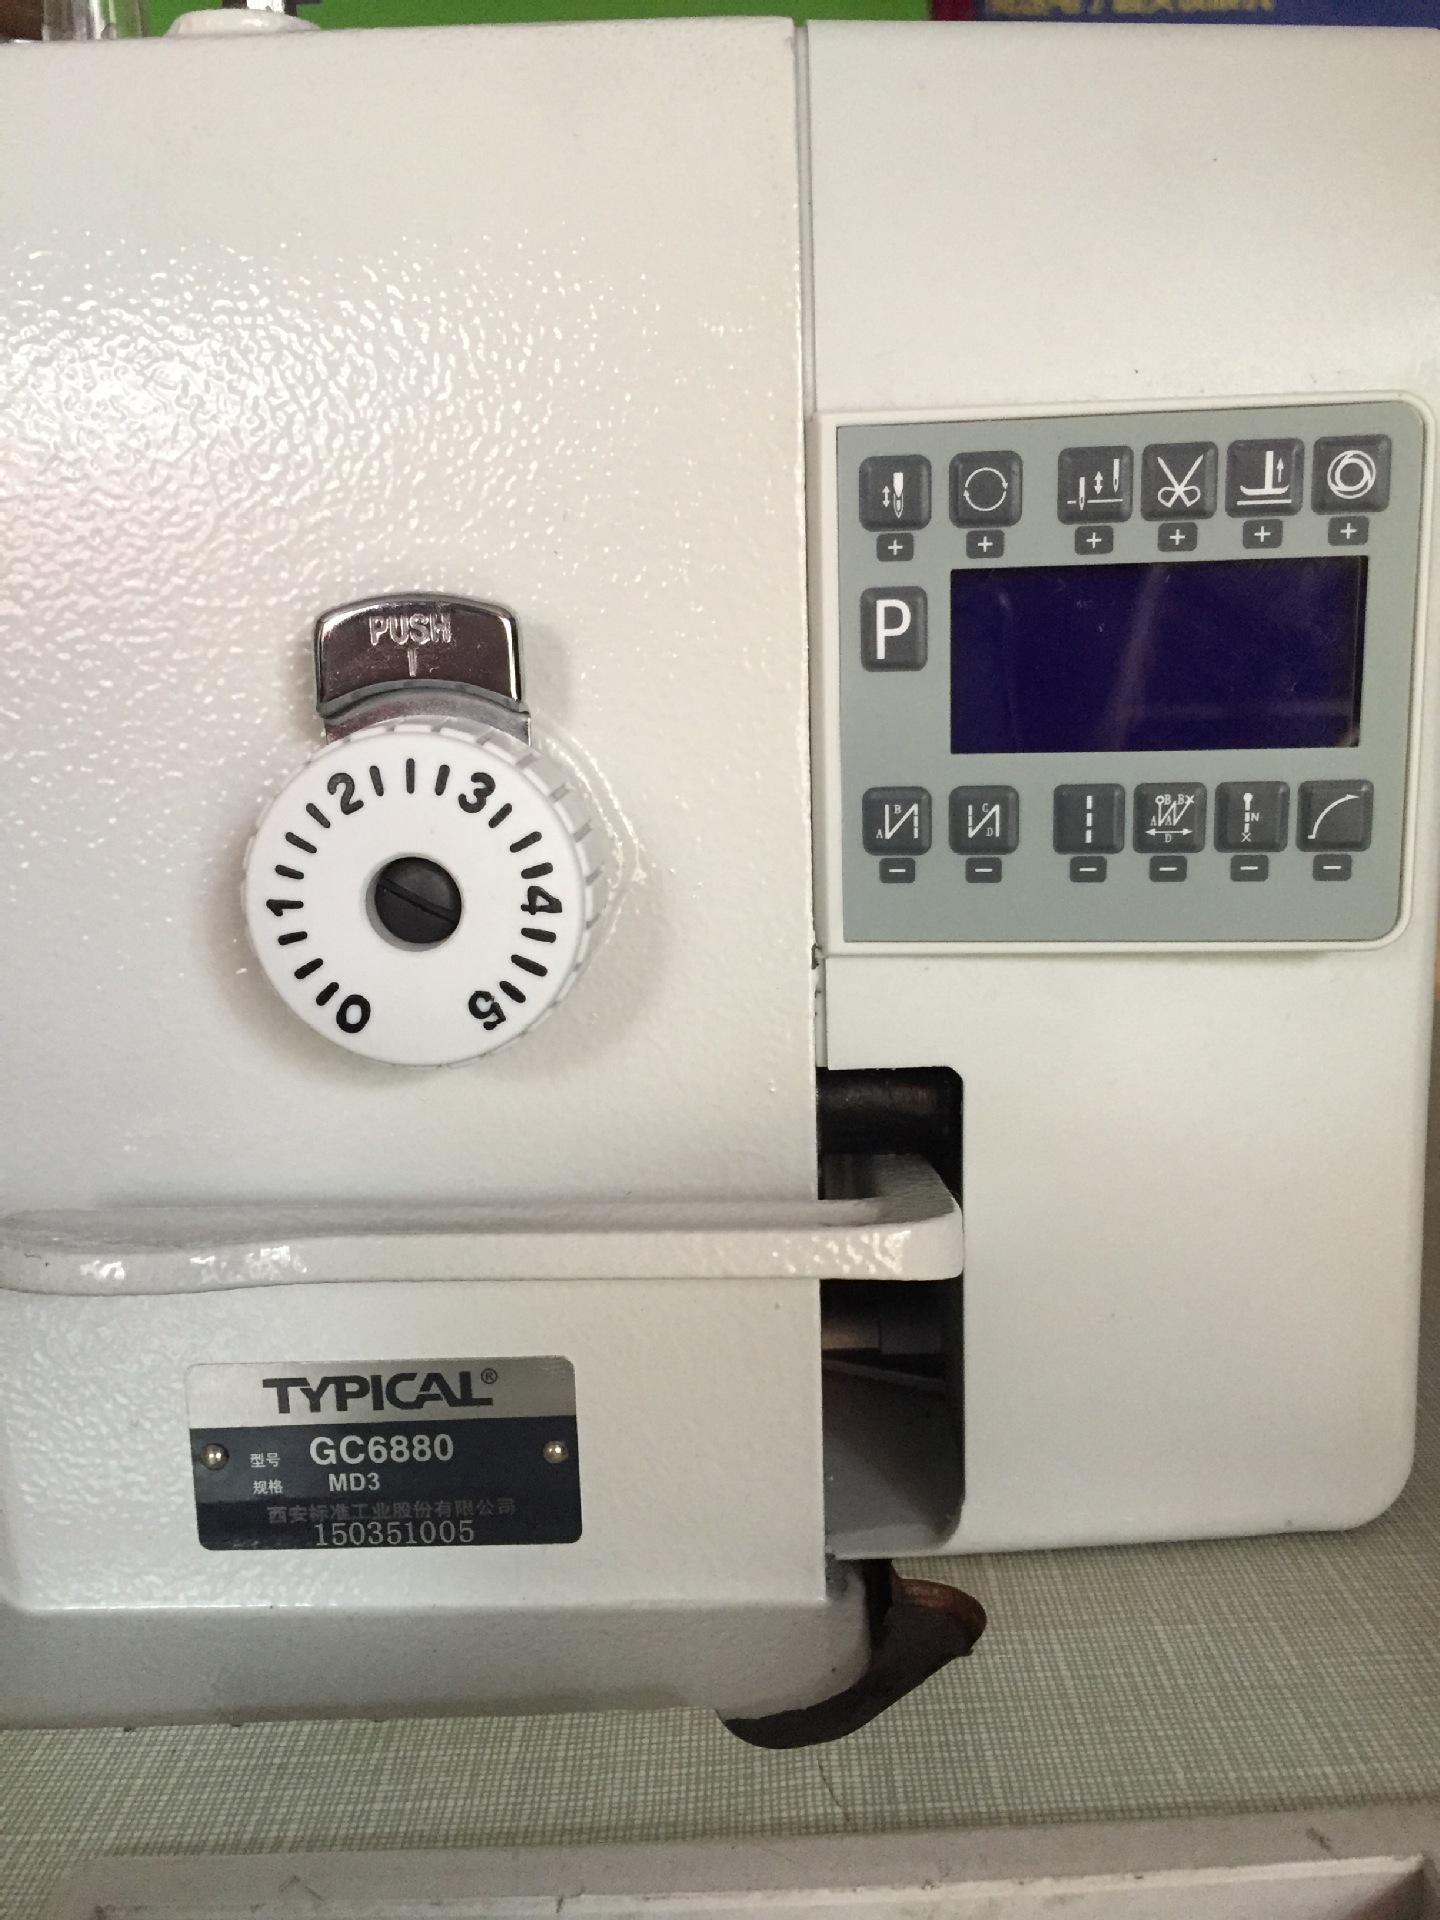 工业缝纫机 标准牌工业缝纫机GC6880 电脑一体平缝机 阿里巴巴